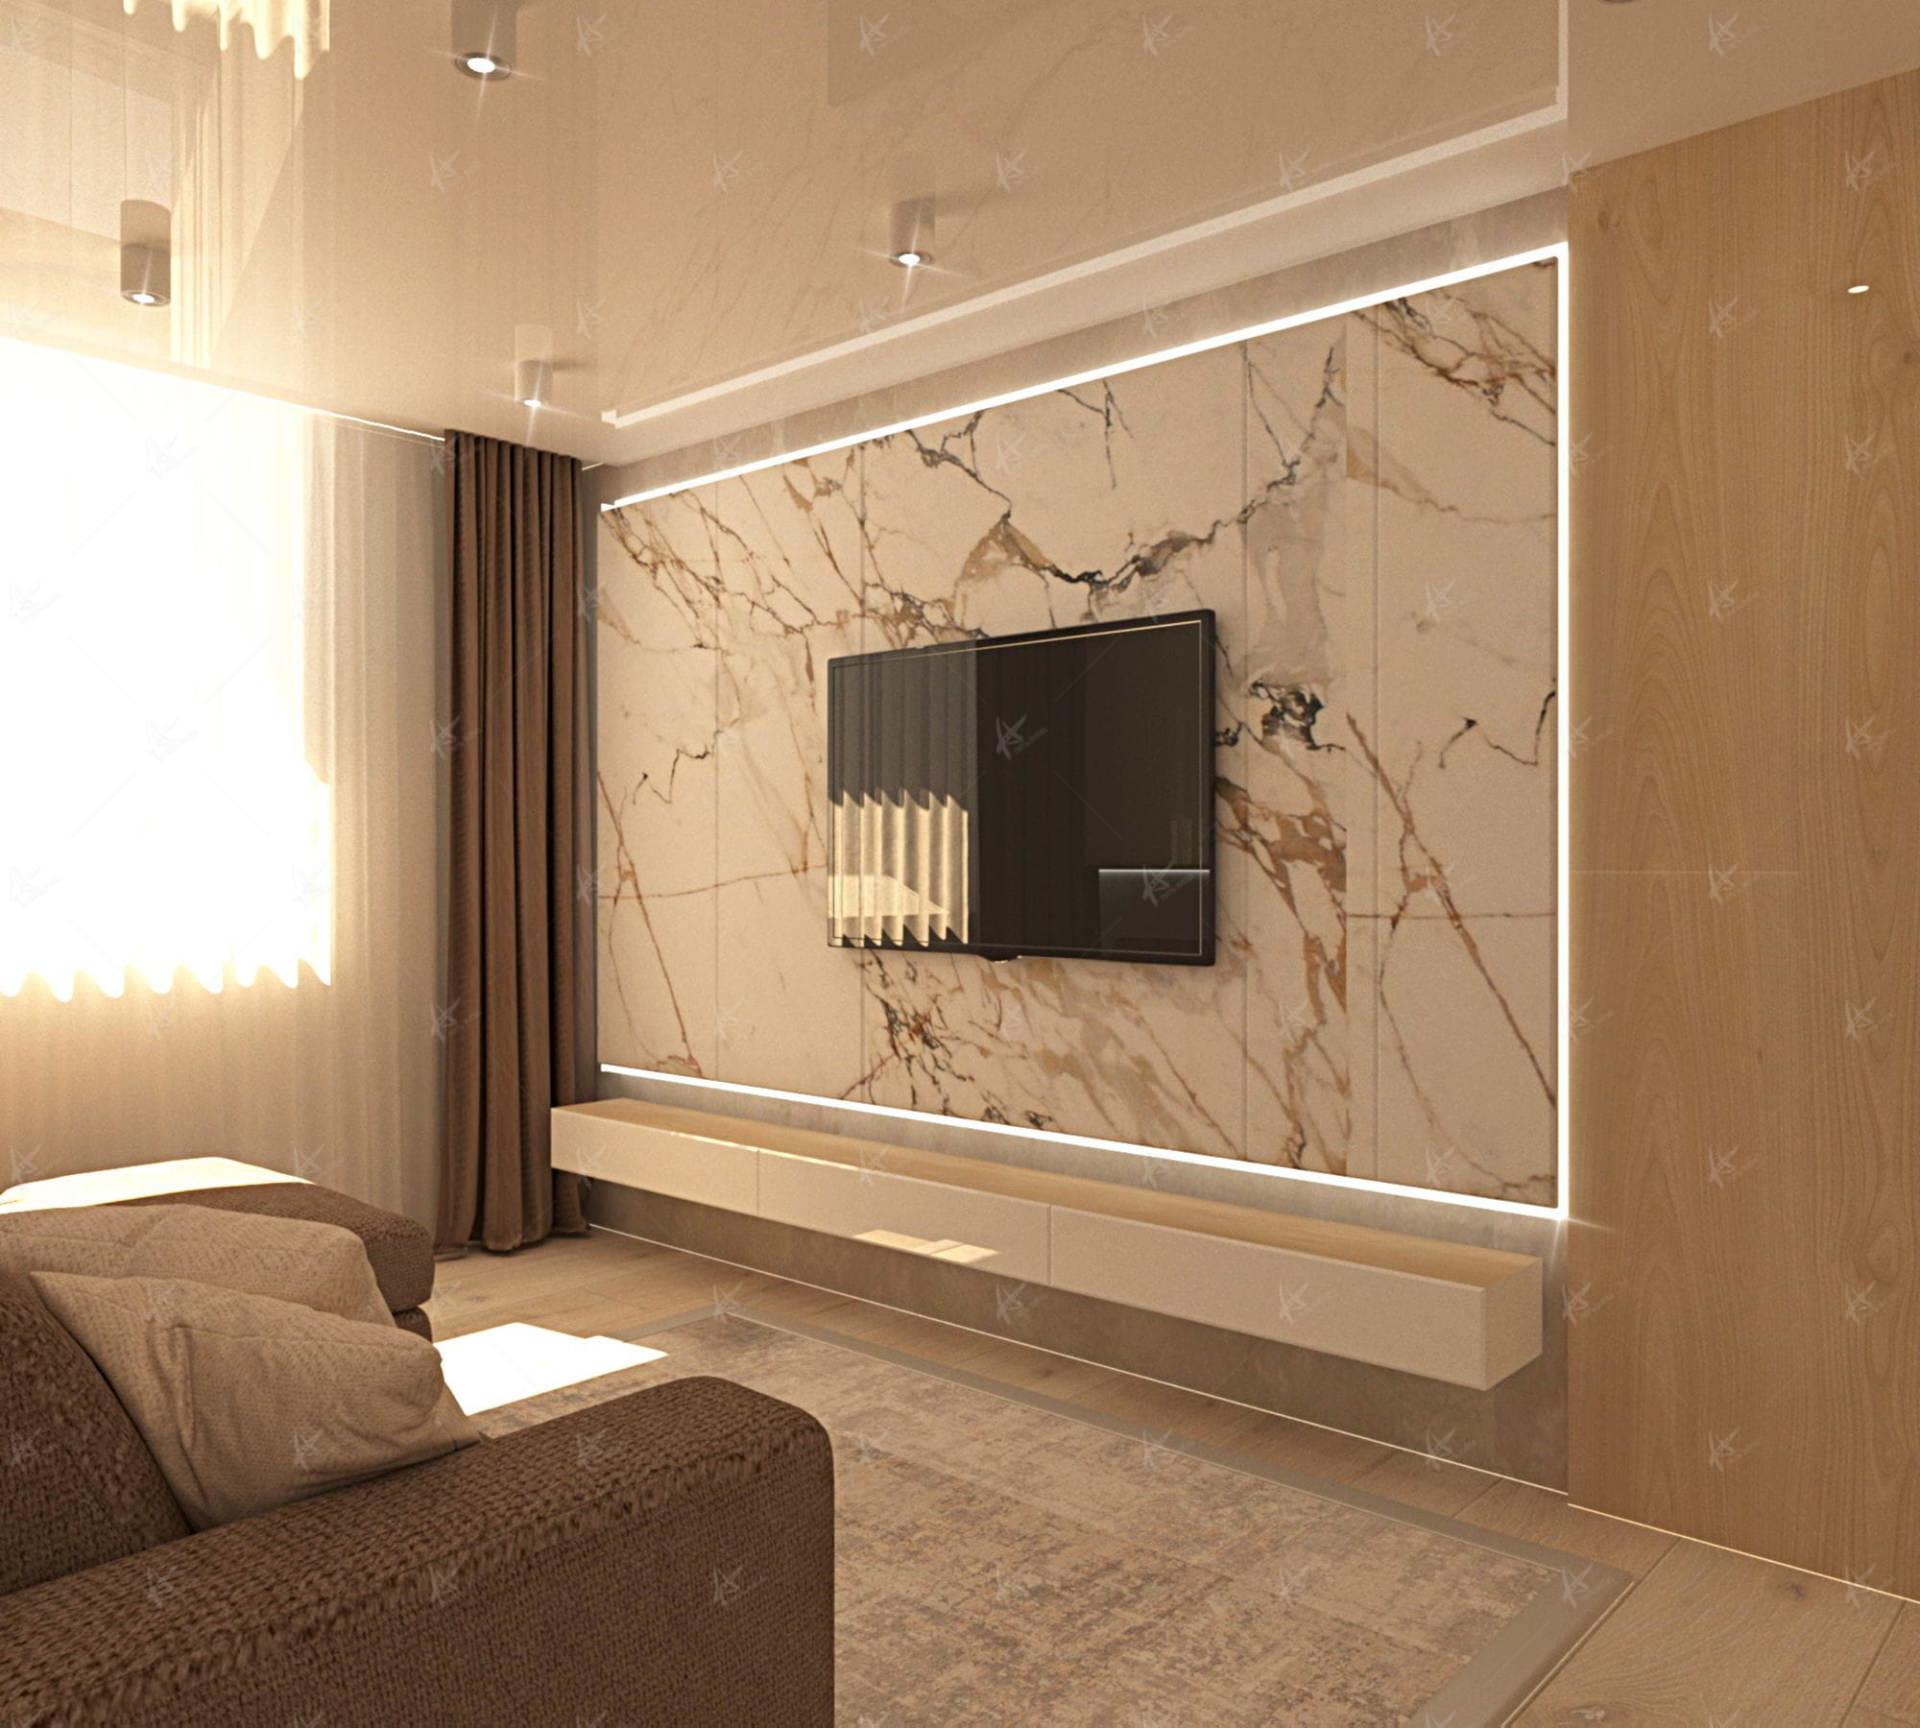 Квартира лаконичность - стена с телевизором Дизайн интерьера в Кирове